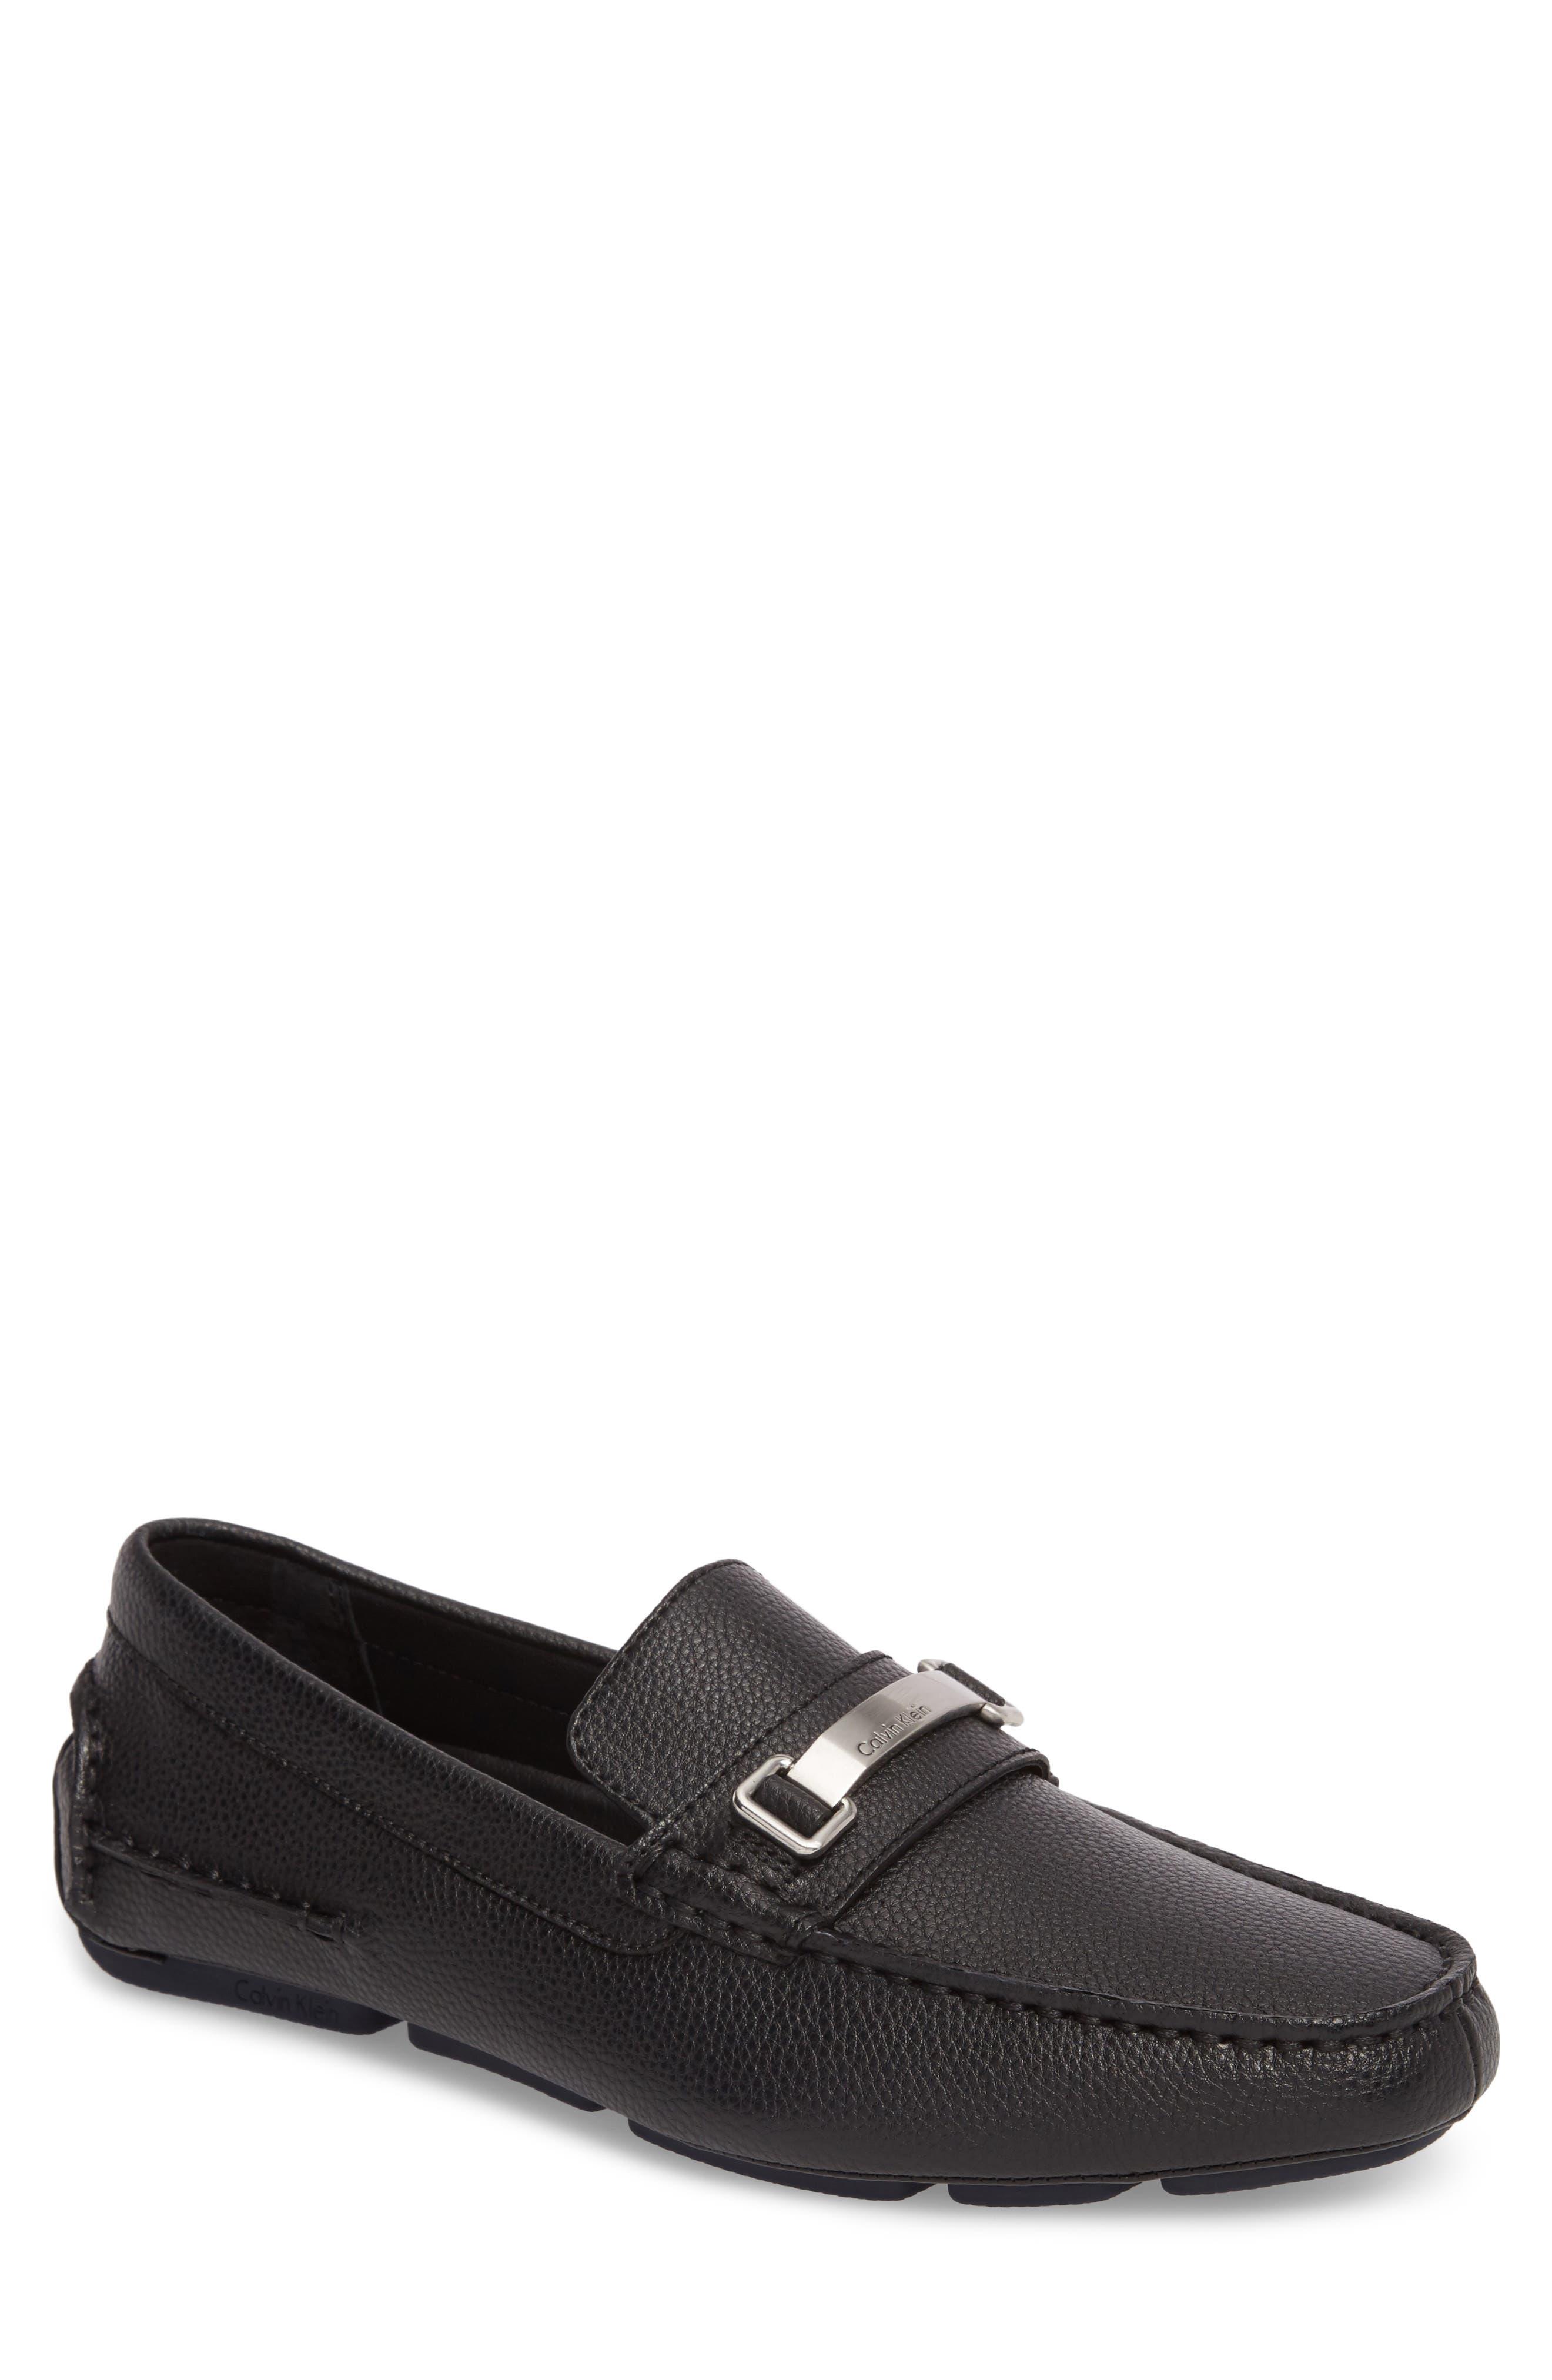 Mikos Driving Shoe,                         Main,                         color, 001